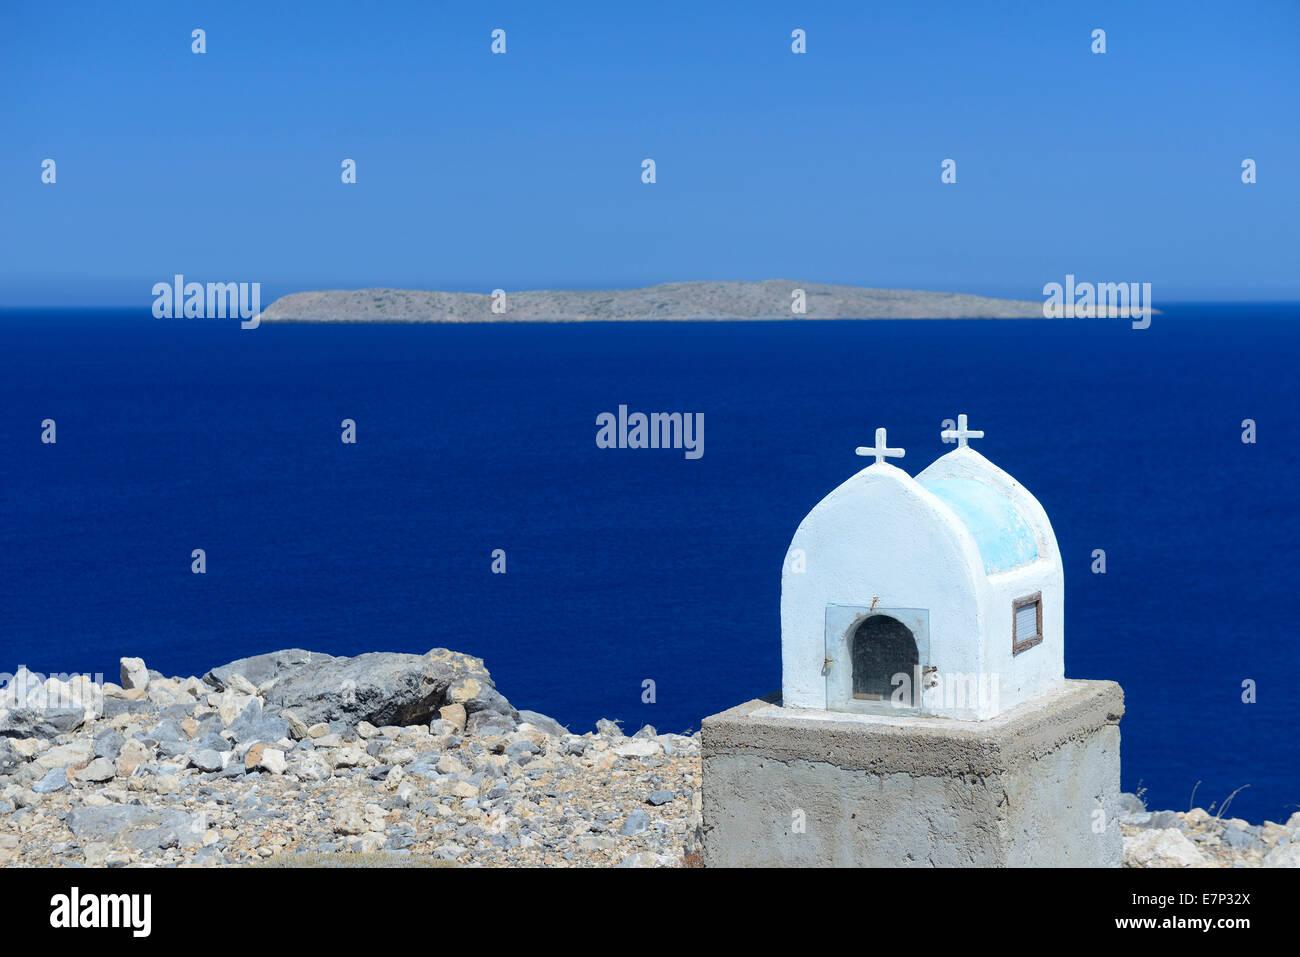 Europa, Grecia, Creta, Grecia, el Mediterráneo, la isla, Itanos, Playa, iglesia, religión, Mar blanco, Imagen De Stock